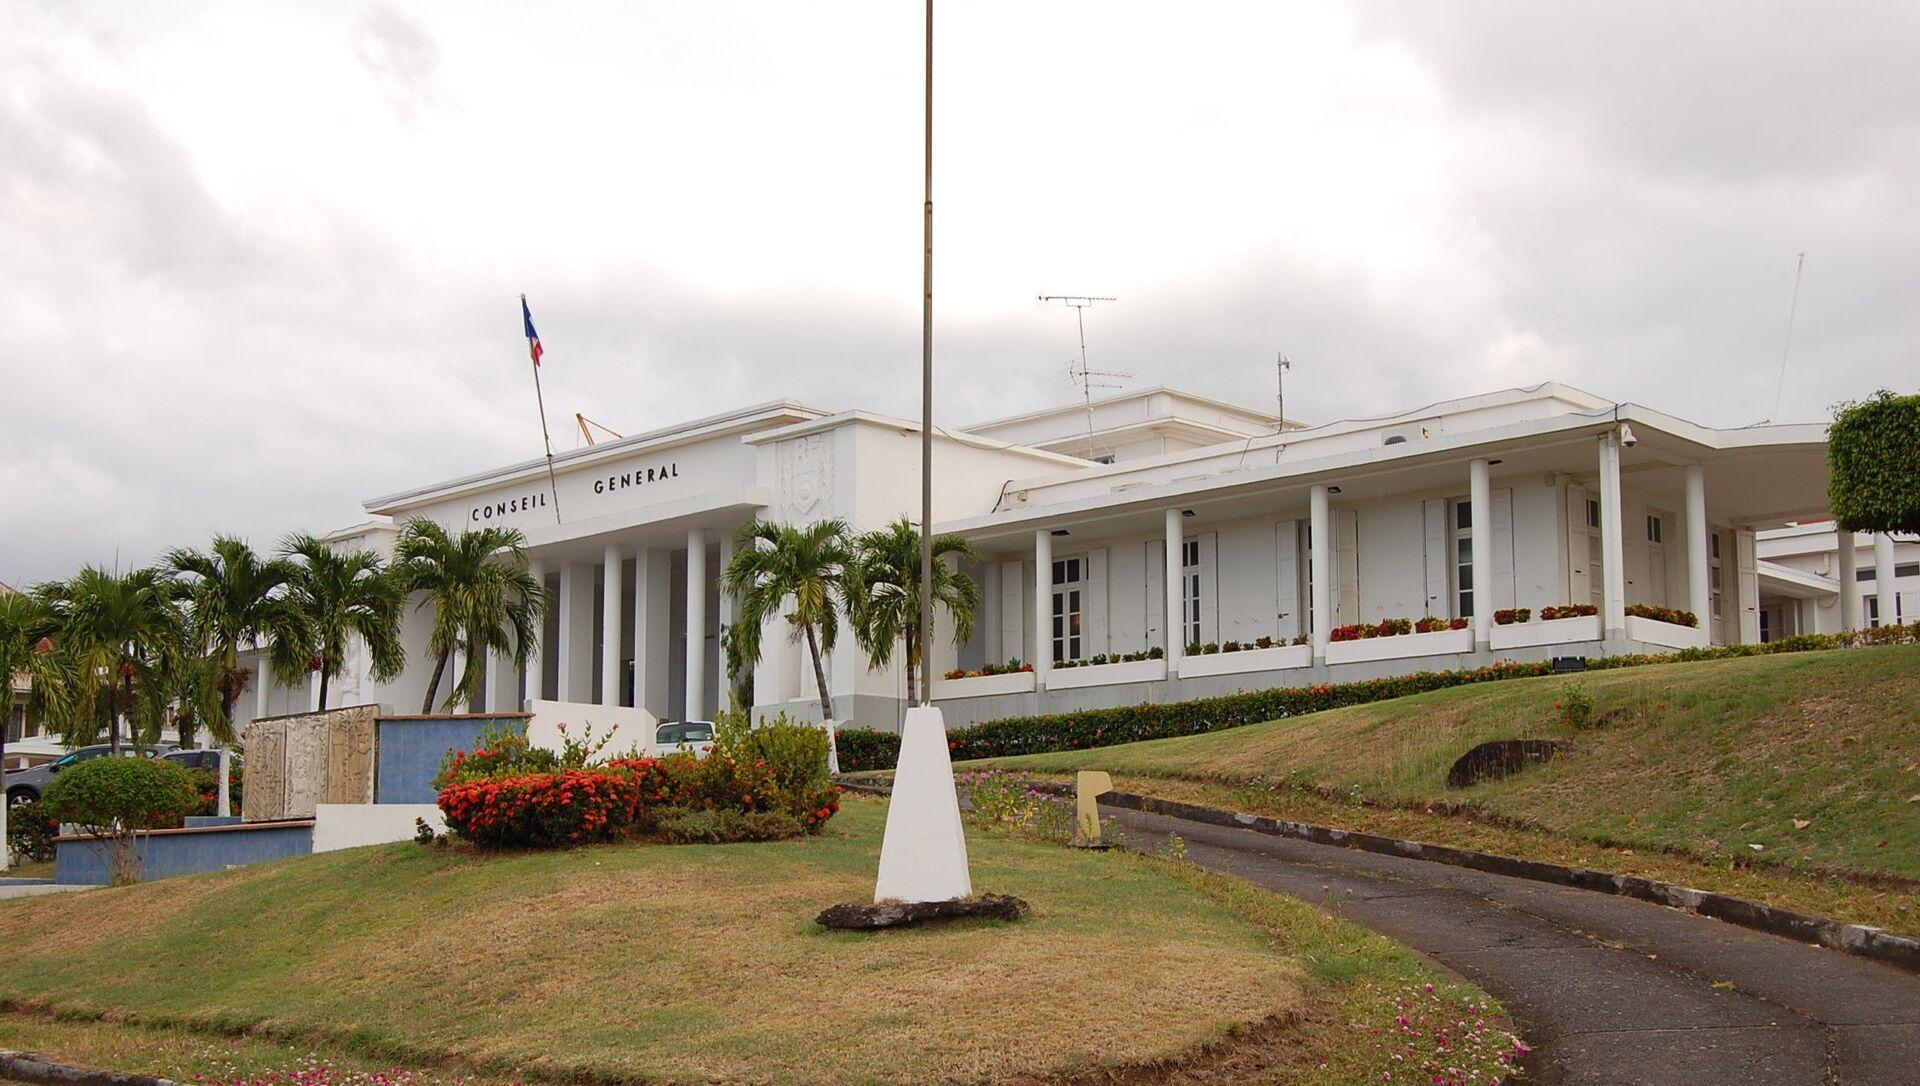 Conseil Général de la Guadeloupe - Sputnik France, 1920, 15.08.2021